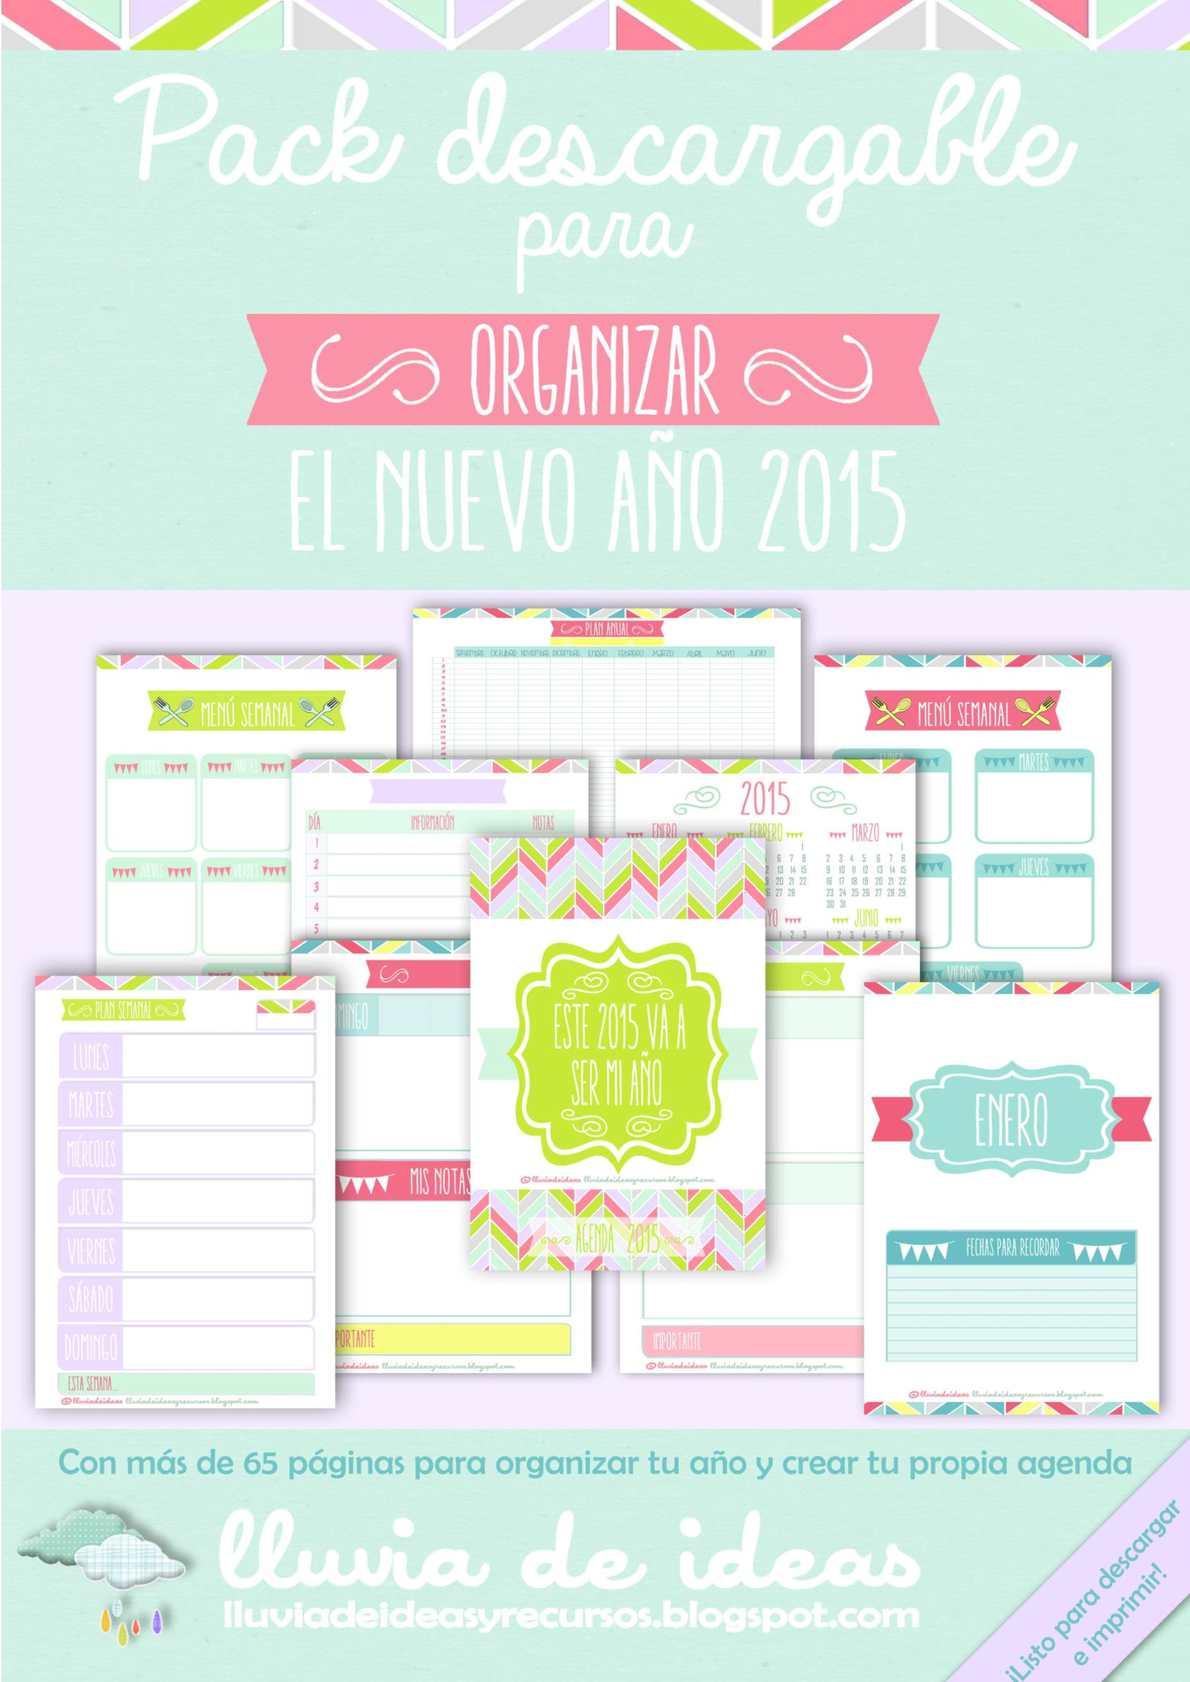 Pack Descargable para organizar el nuevo año 2015